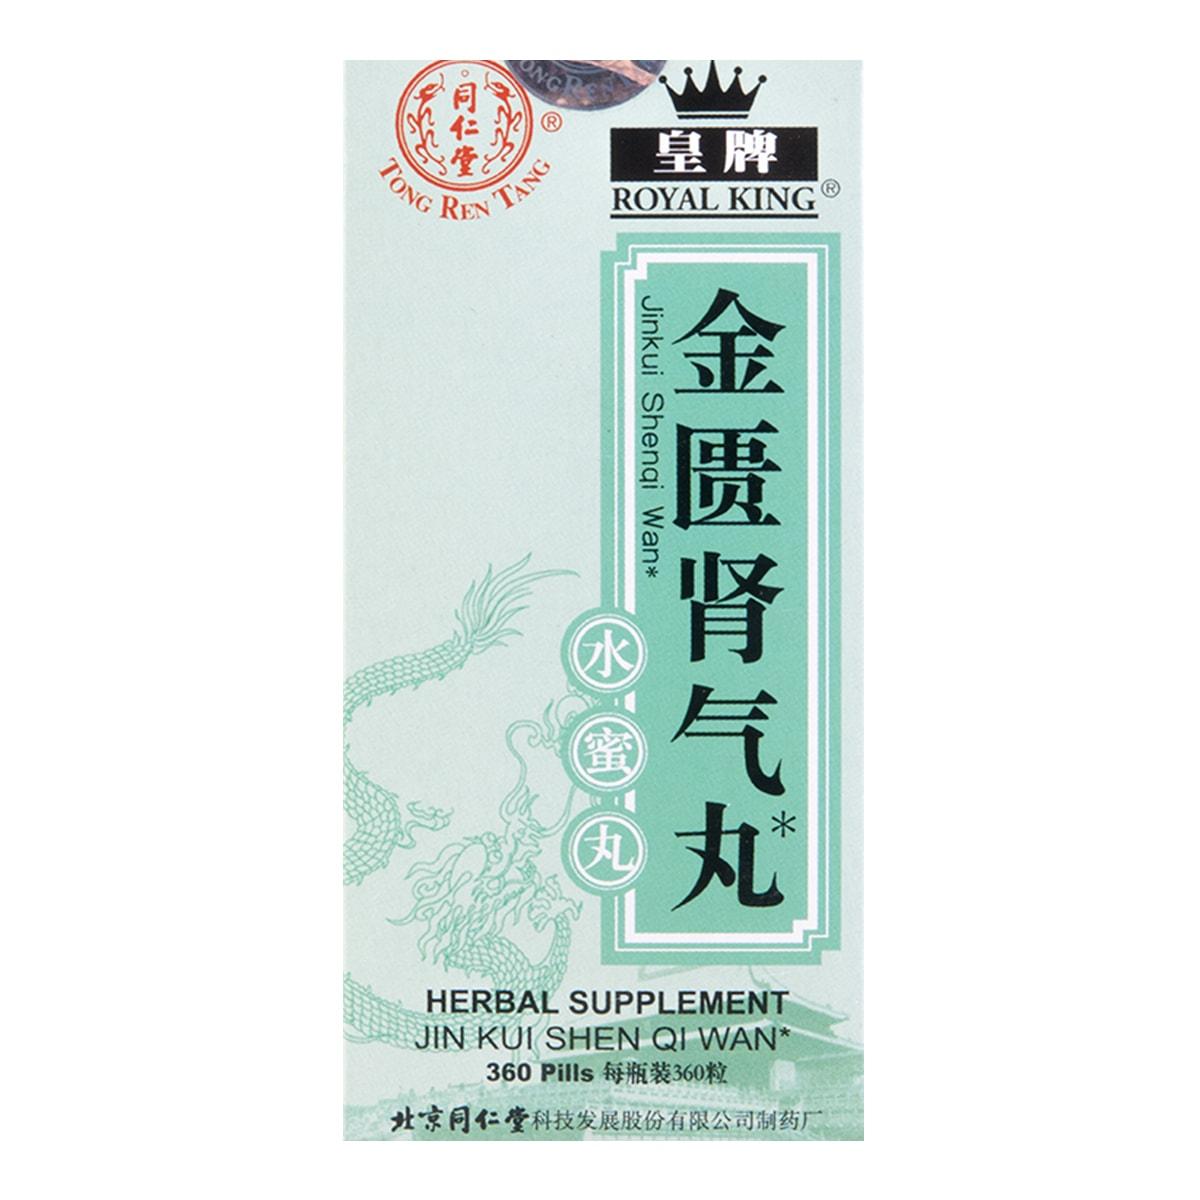 北京同仁堂  皇牌 金匮肾气丸 水蜜丸 360粒 72g